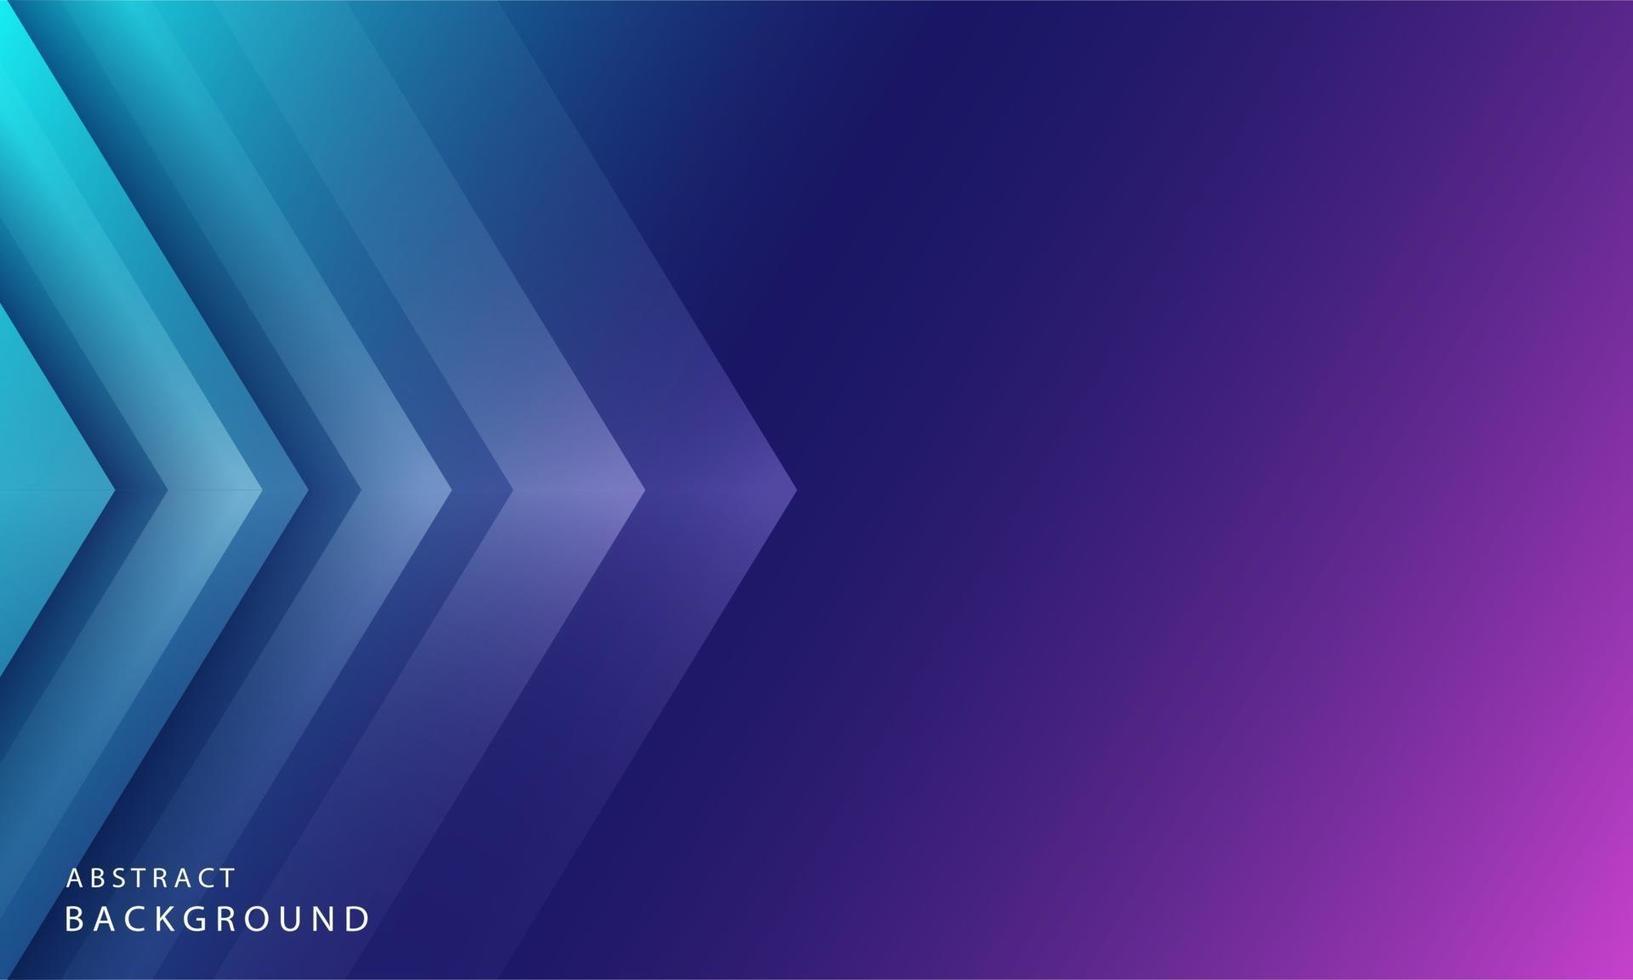 abstrakter heller diagonaler Streifenhintergrund. mit Abstufungen von hellem Blau und Rosa. vektor